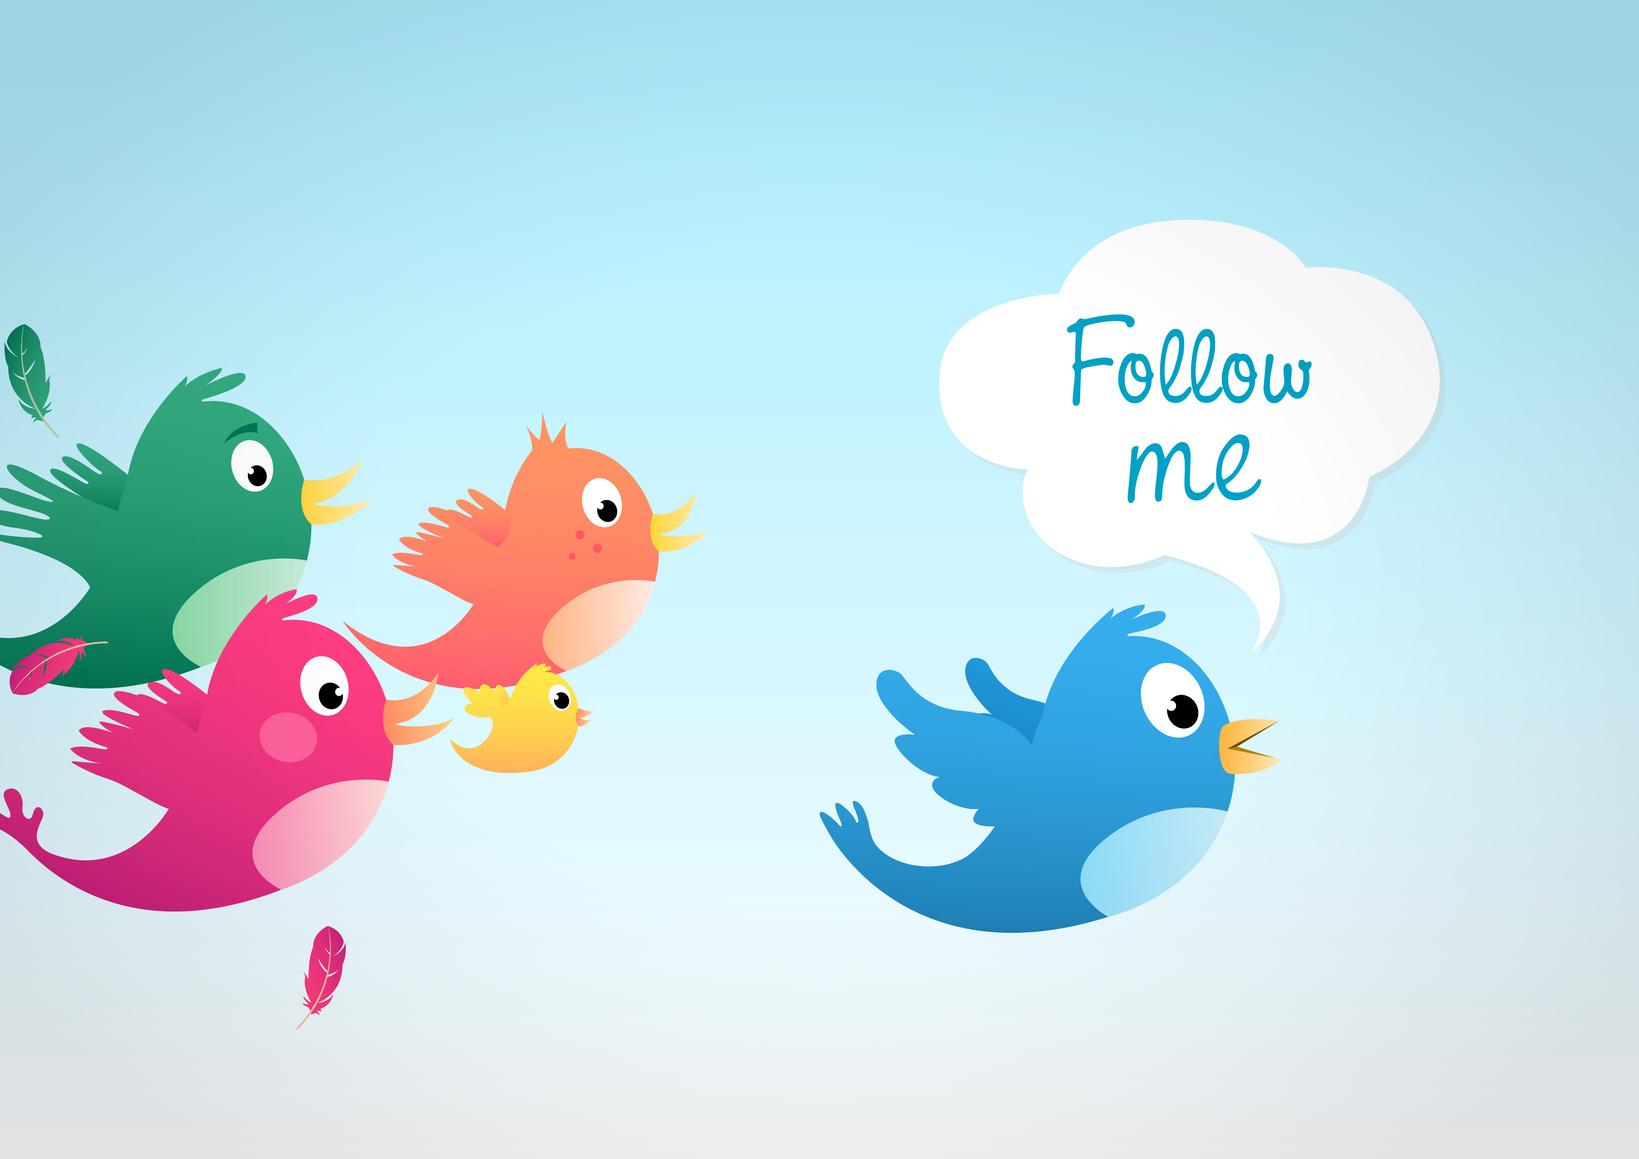 Comment gagner des followers sur twitter ?